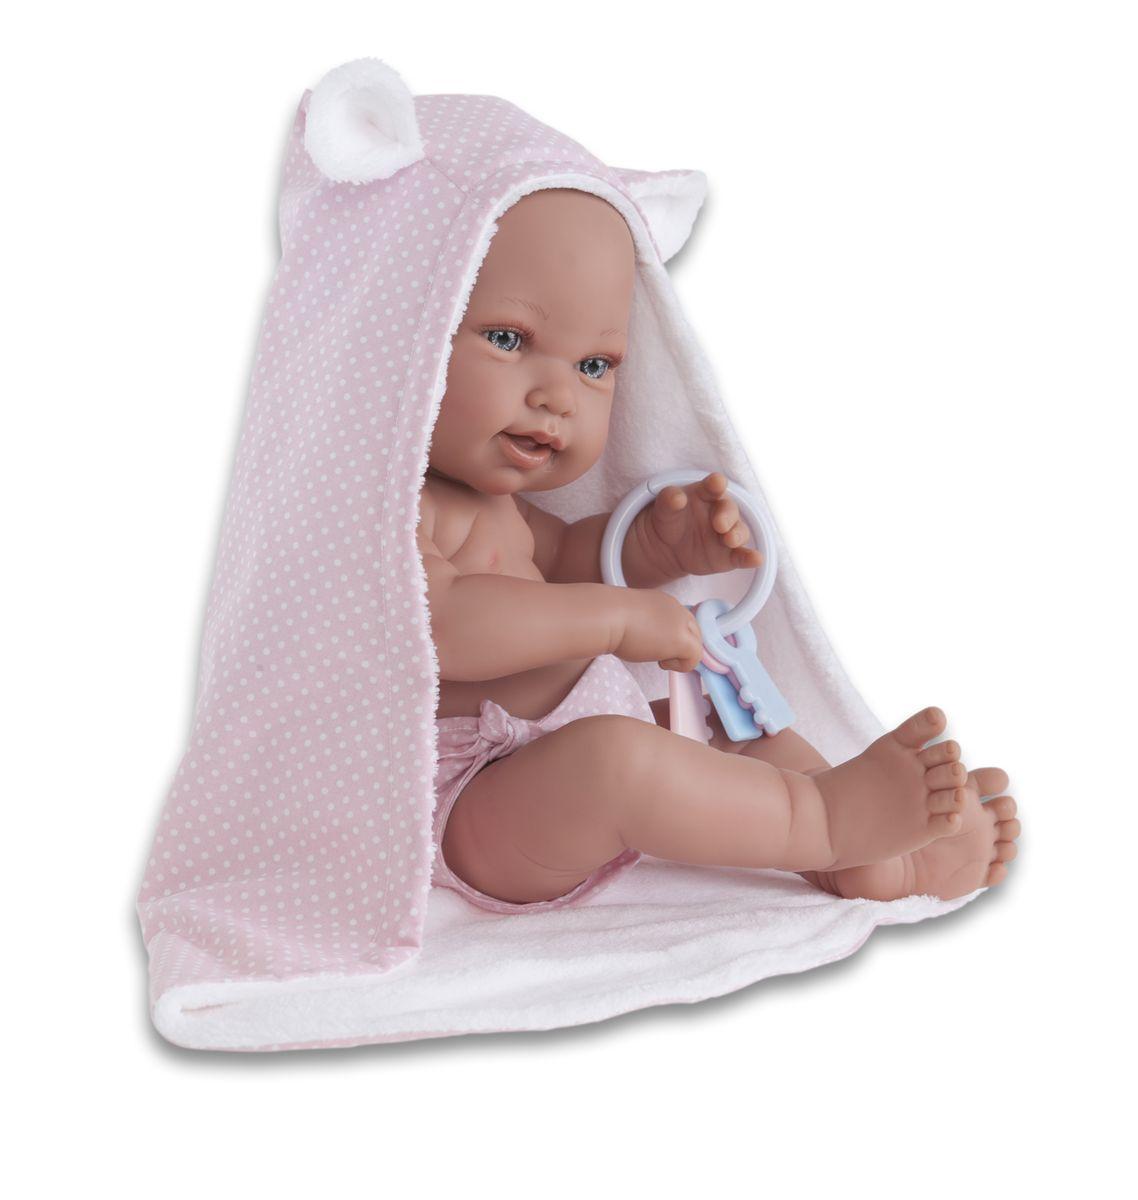 Juan Antonio Кукла-младенец Ирена5094PОбразы малышей разработаны известными европейскими дизайнерами. Куклы натуралистичны, анатомически точны, с подвижными ручками и ножками, копируют настоящих младенцев. Полностью изготовлены из высококачественного винила с покрытием софт тач, мягкого и приятного на ощупь. Производятся в Испании. Для детей от 3-х лет.